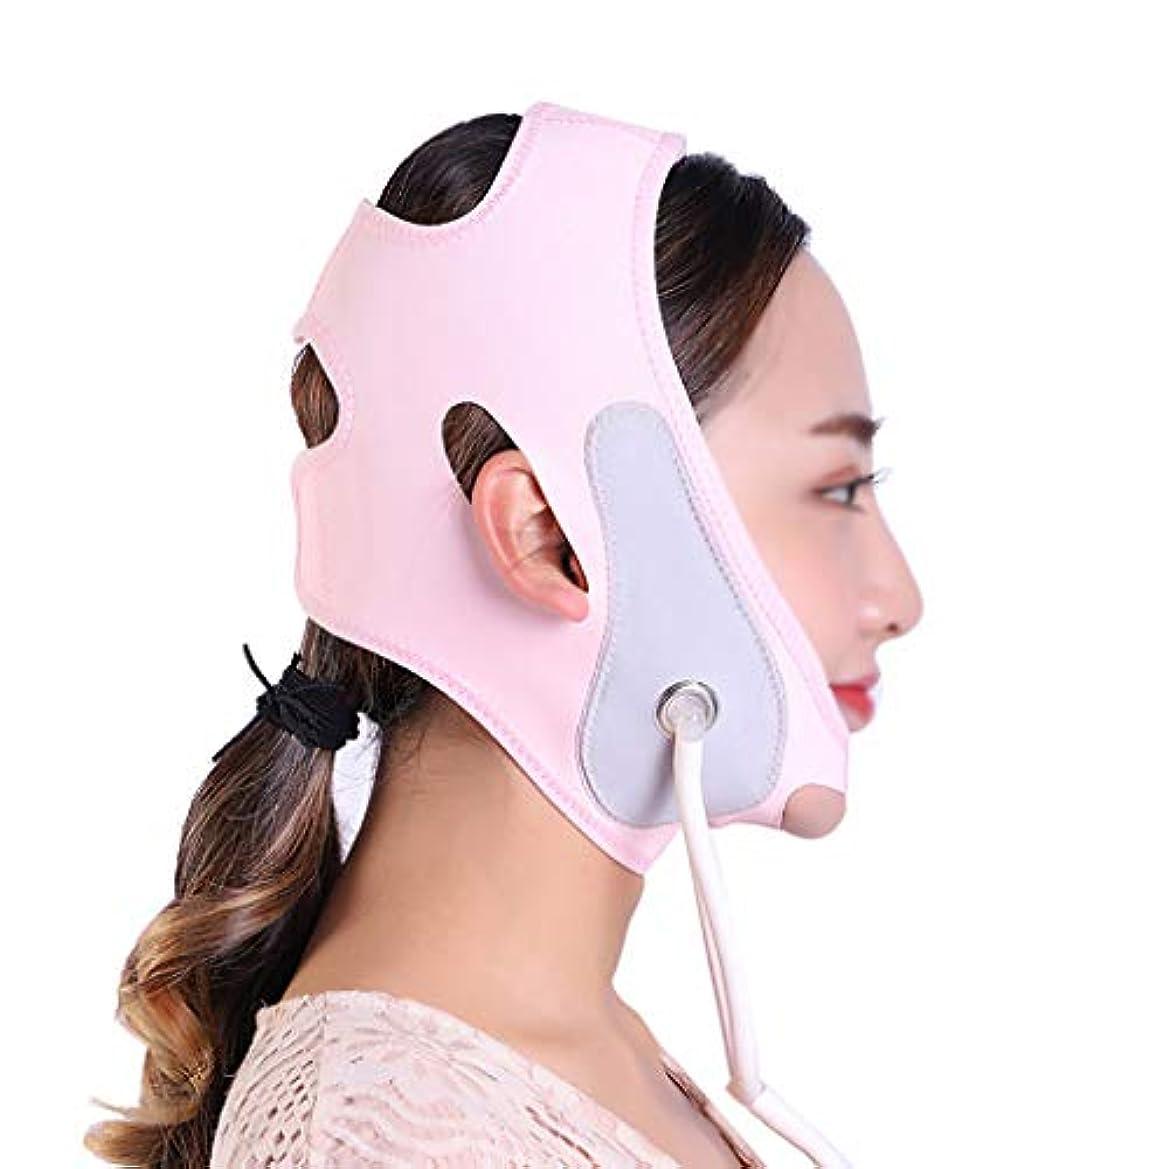 列挙する調和シャッフル顔と首のリフト後伸縮性のある袖の薄い顔のマスクの引き締めの改善咬筋の伸縮性のある薄い顔の弾性の包帯V顔のアーティファクト